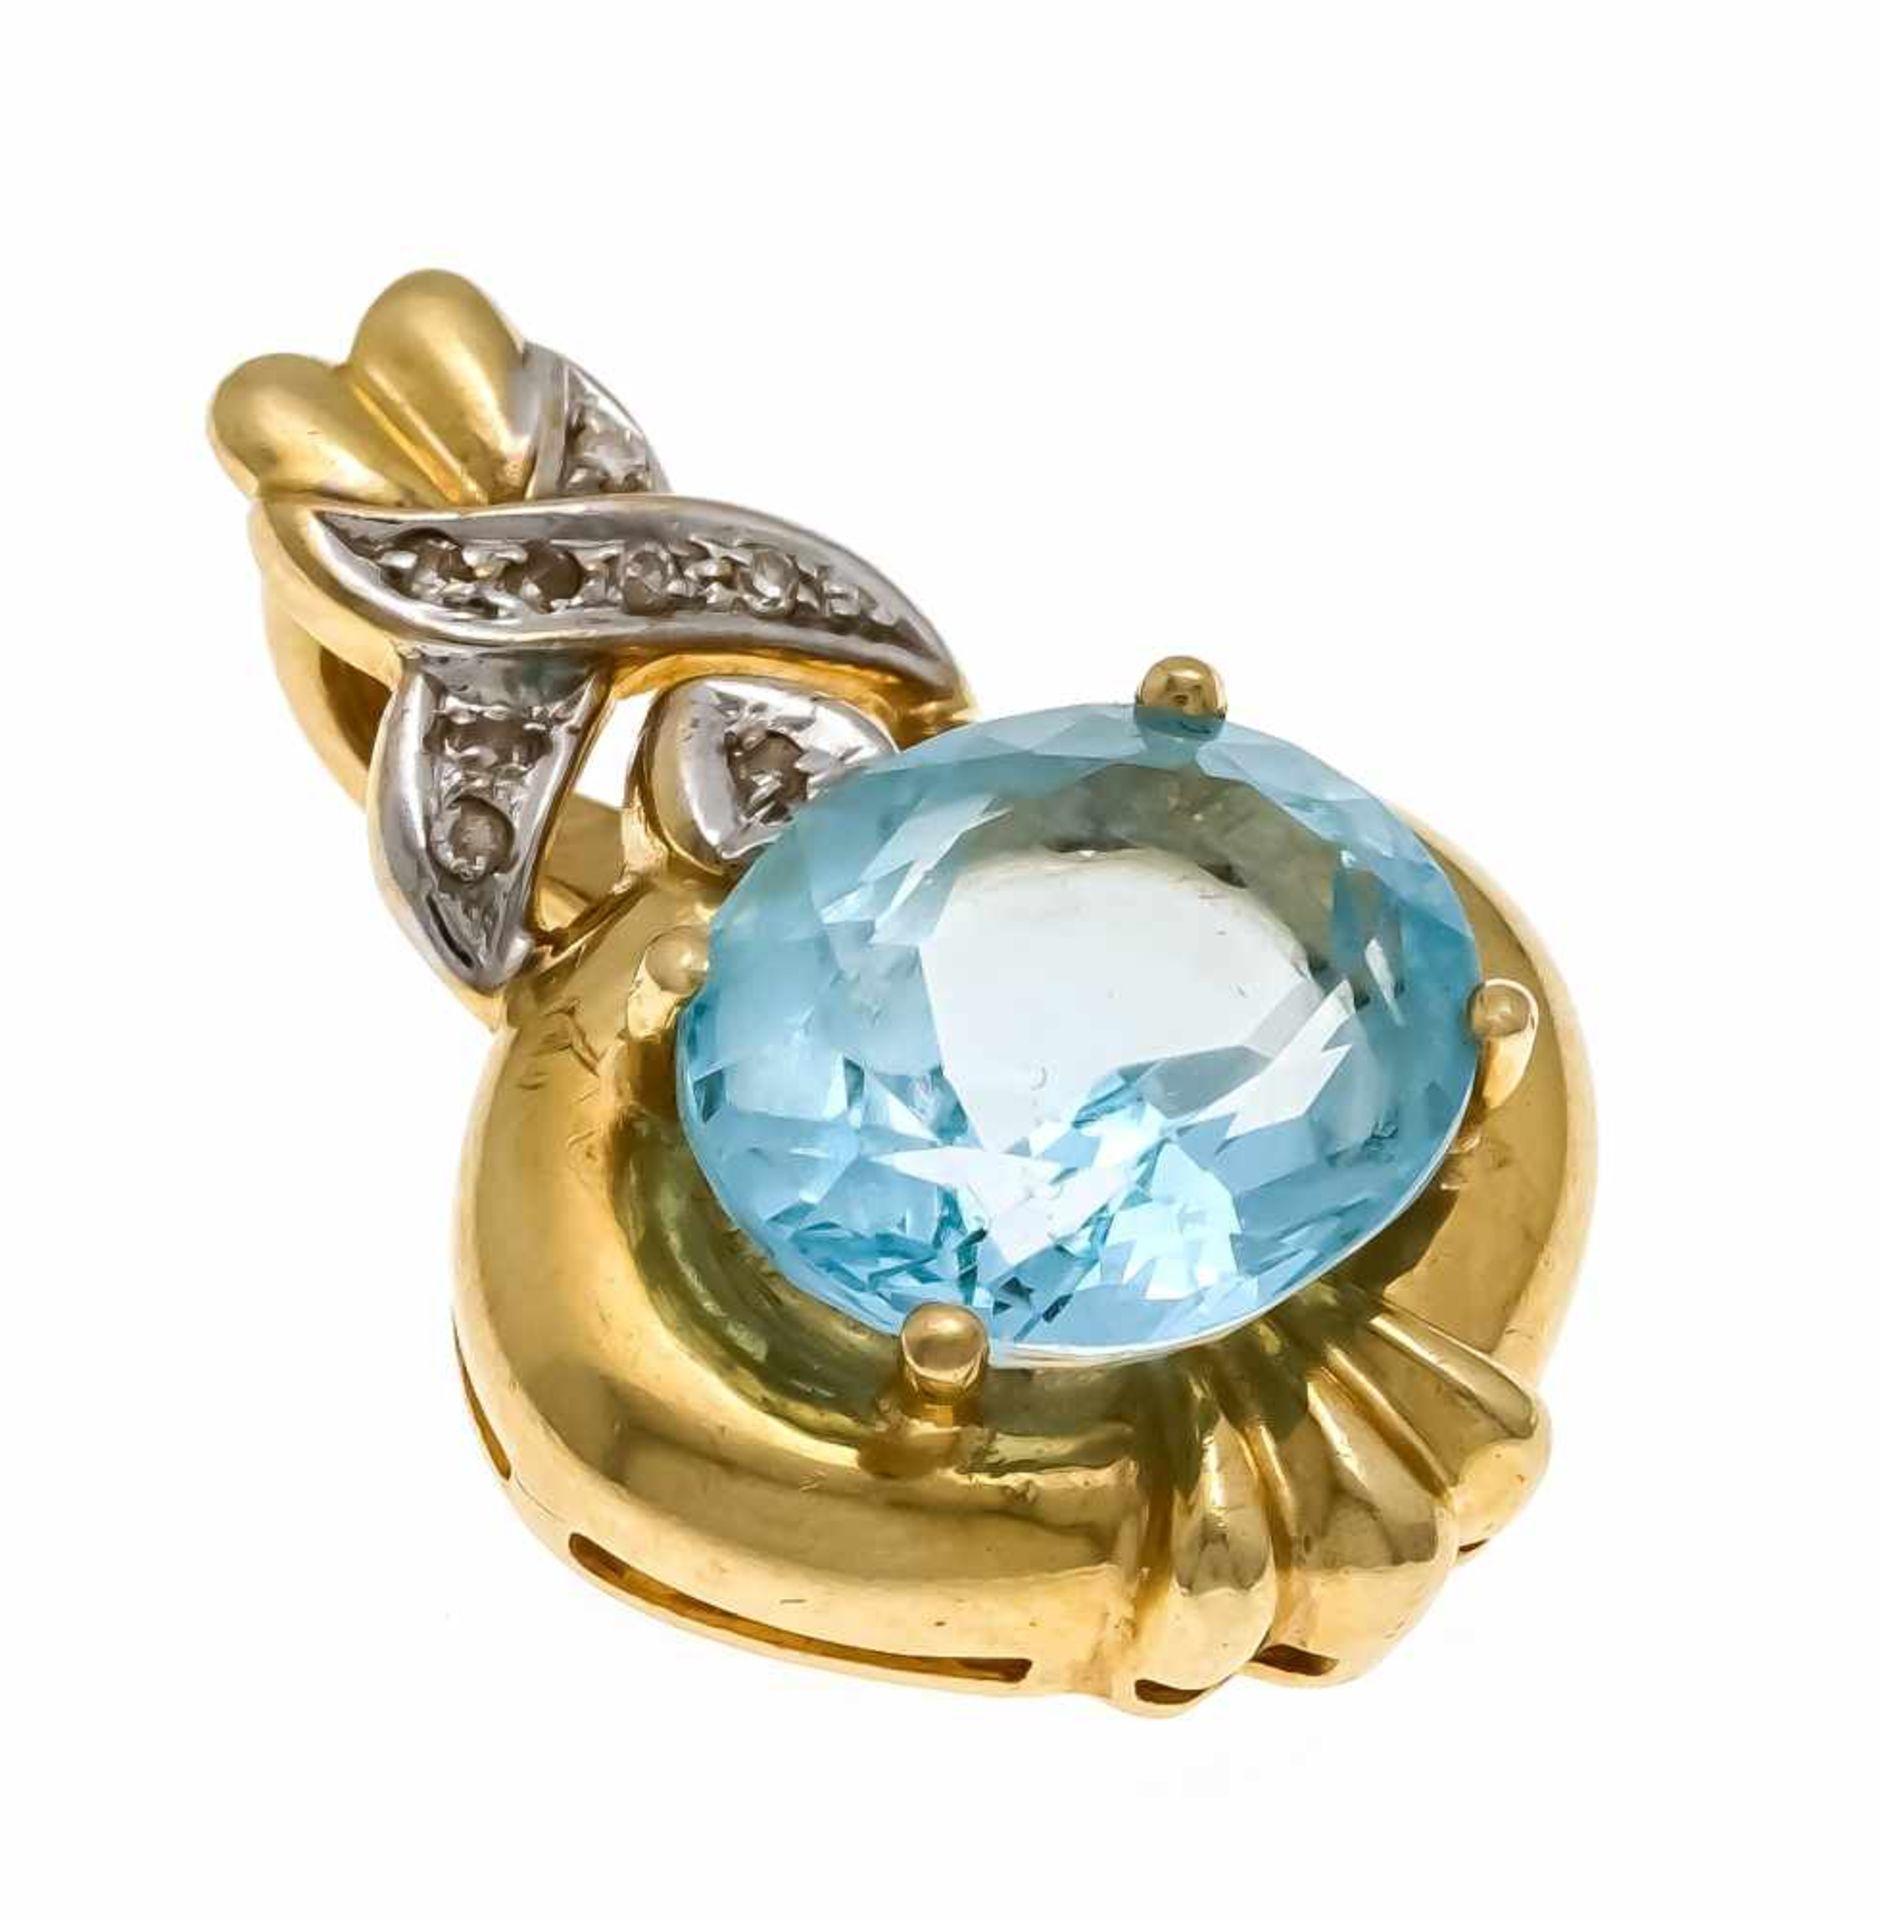 Blautopas-Diamant-Clipanhänger GG/WG 585/000 mit einem oval fac. Blautopas 12 x 10 mm und 8